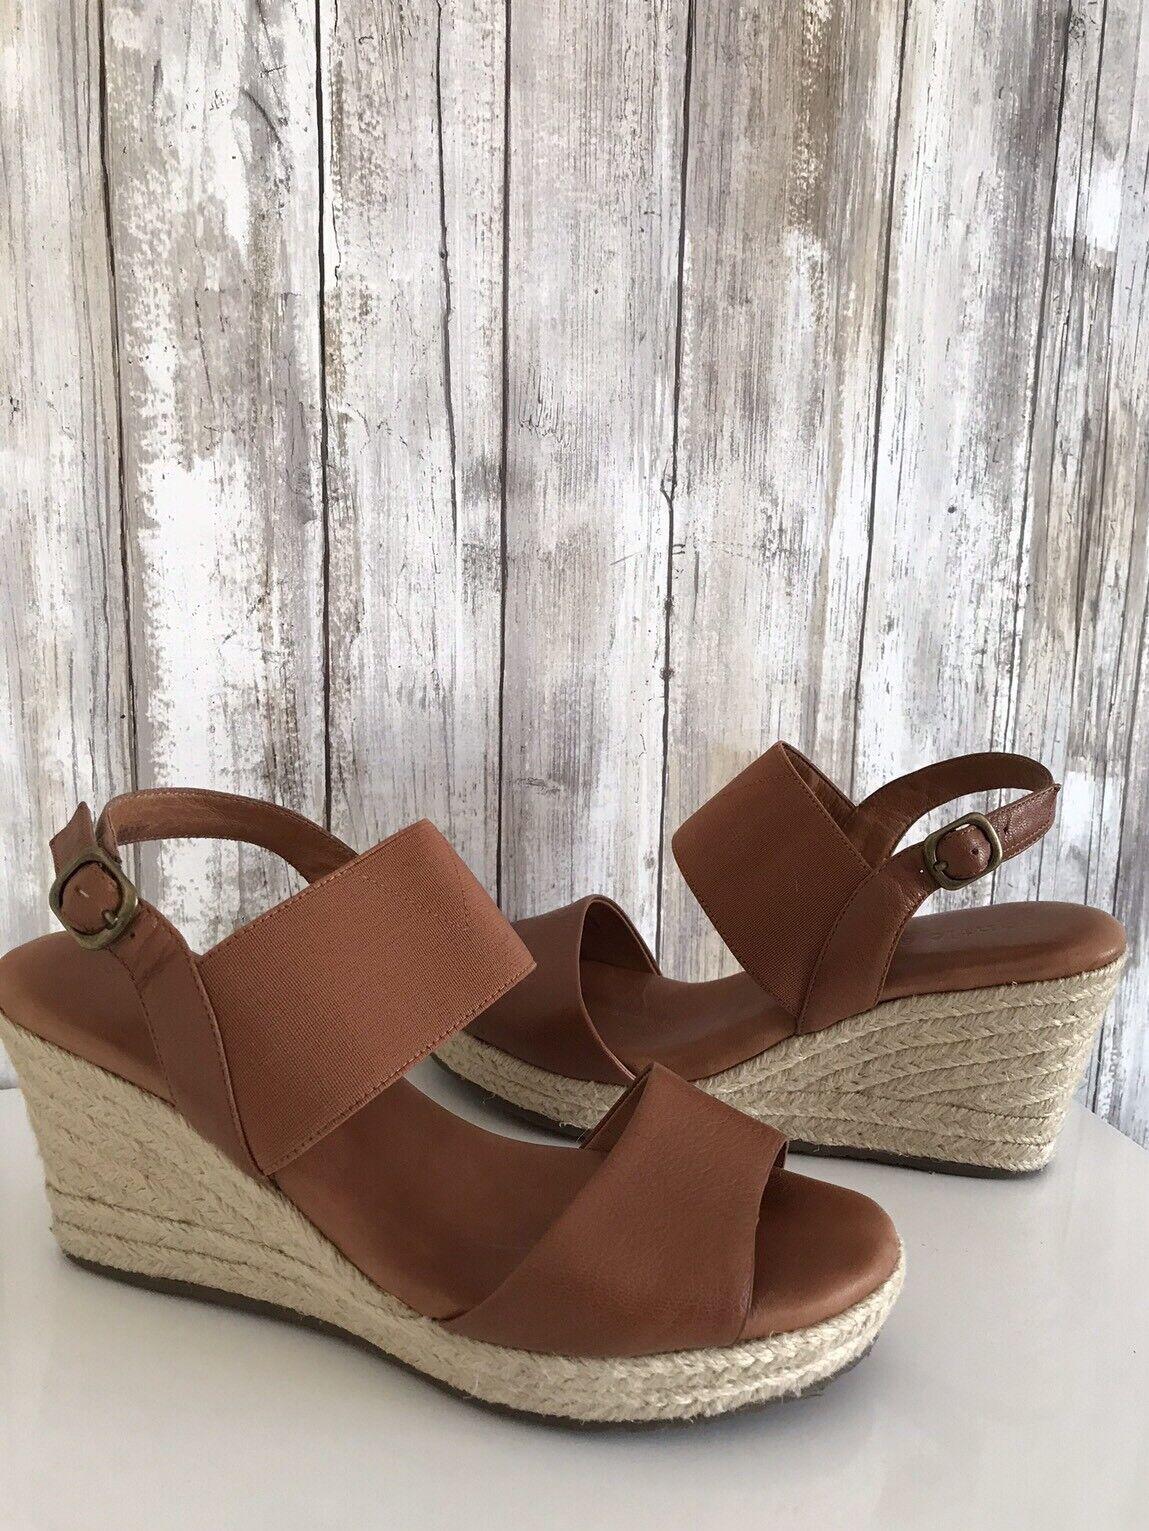 Gentle Souls Kara Tan Brown Leather Elastic Platform Wedge Sandal shoes 8